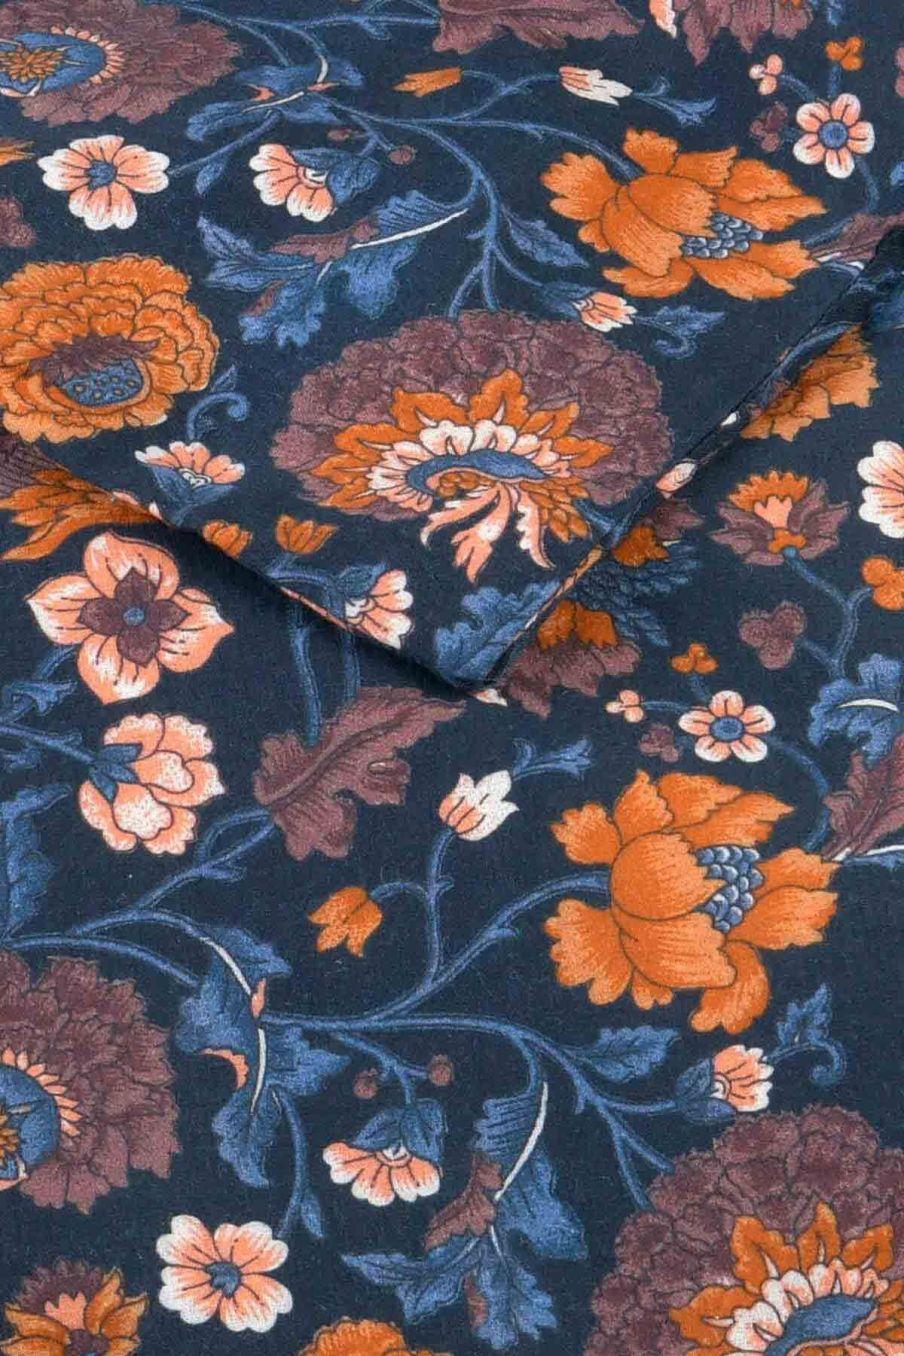 housse de couette maison noemie charcoal bohemian flowers - louise misha